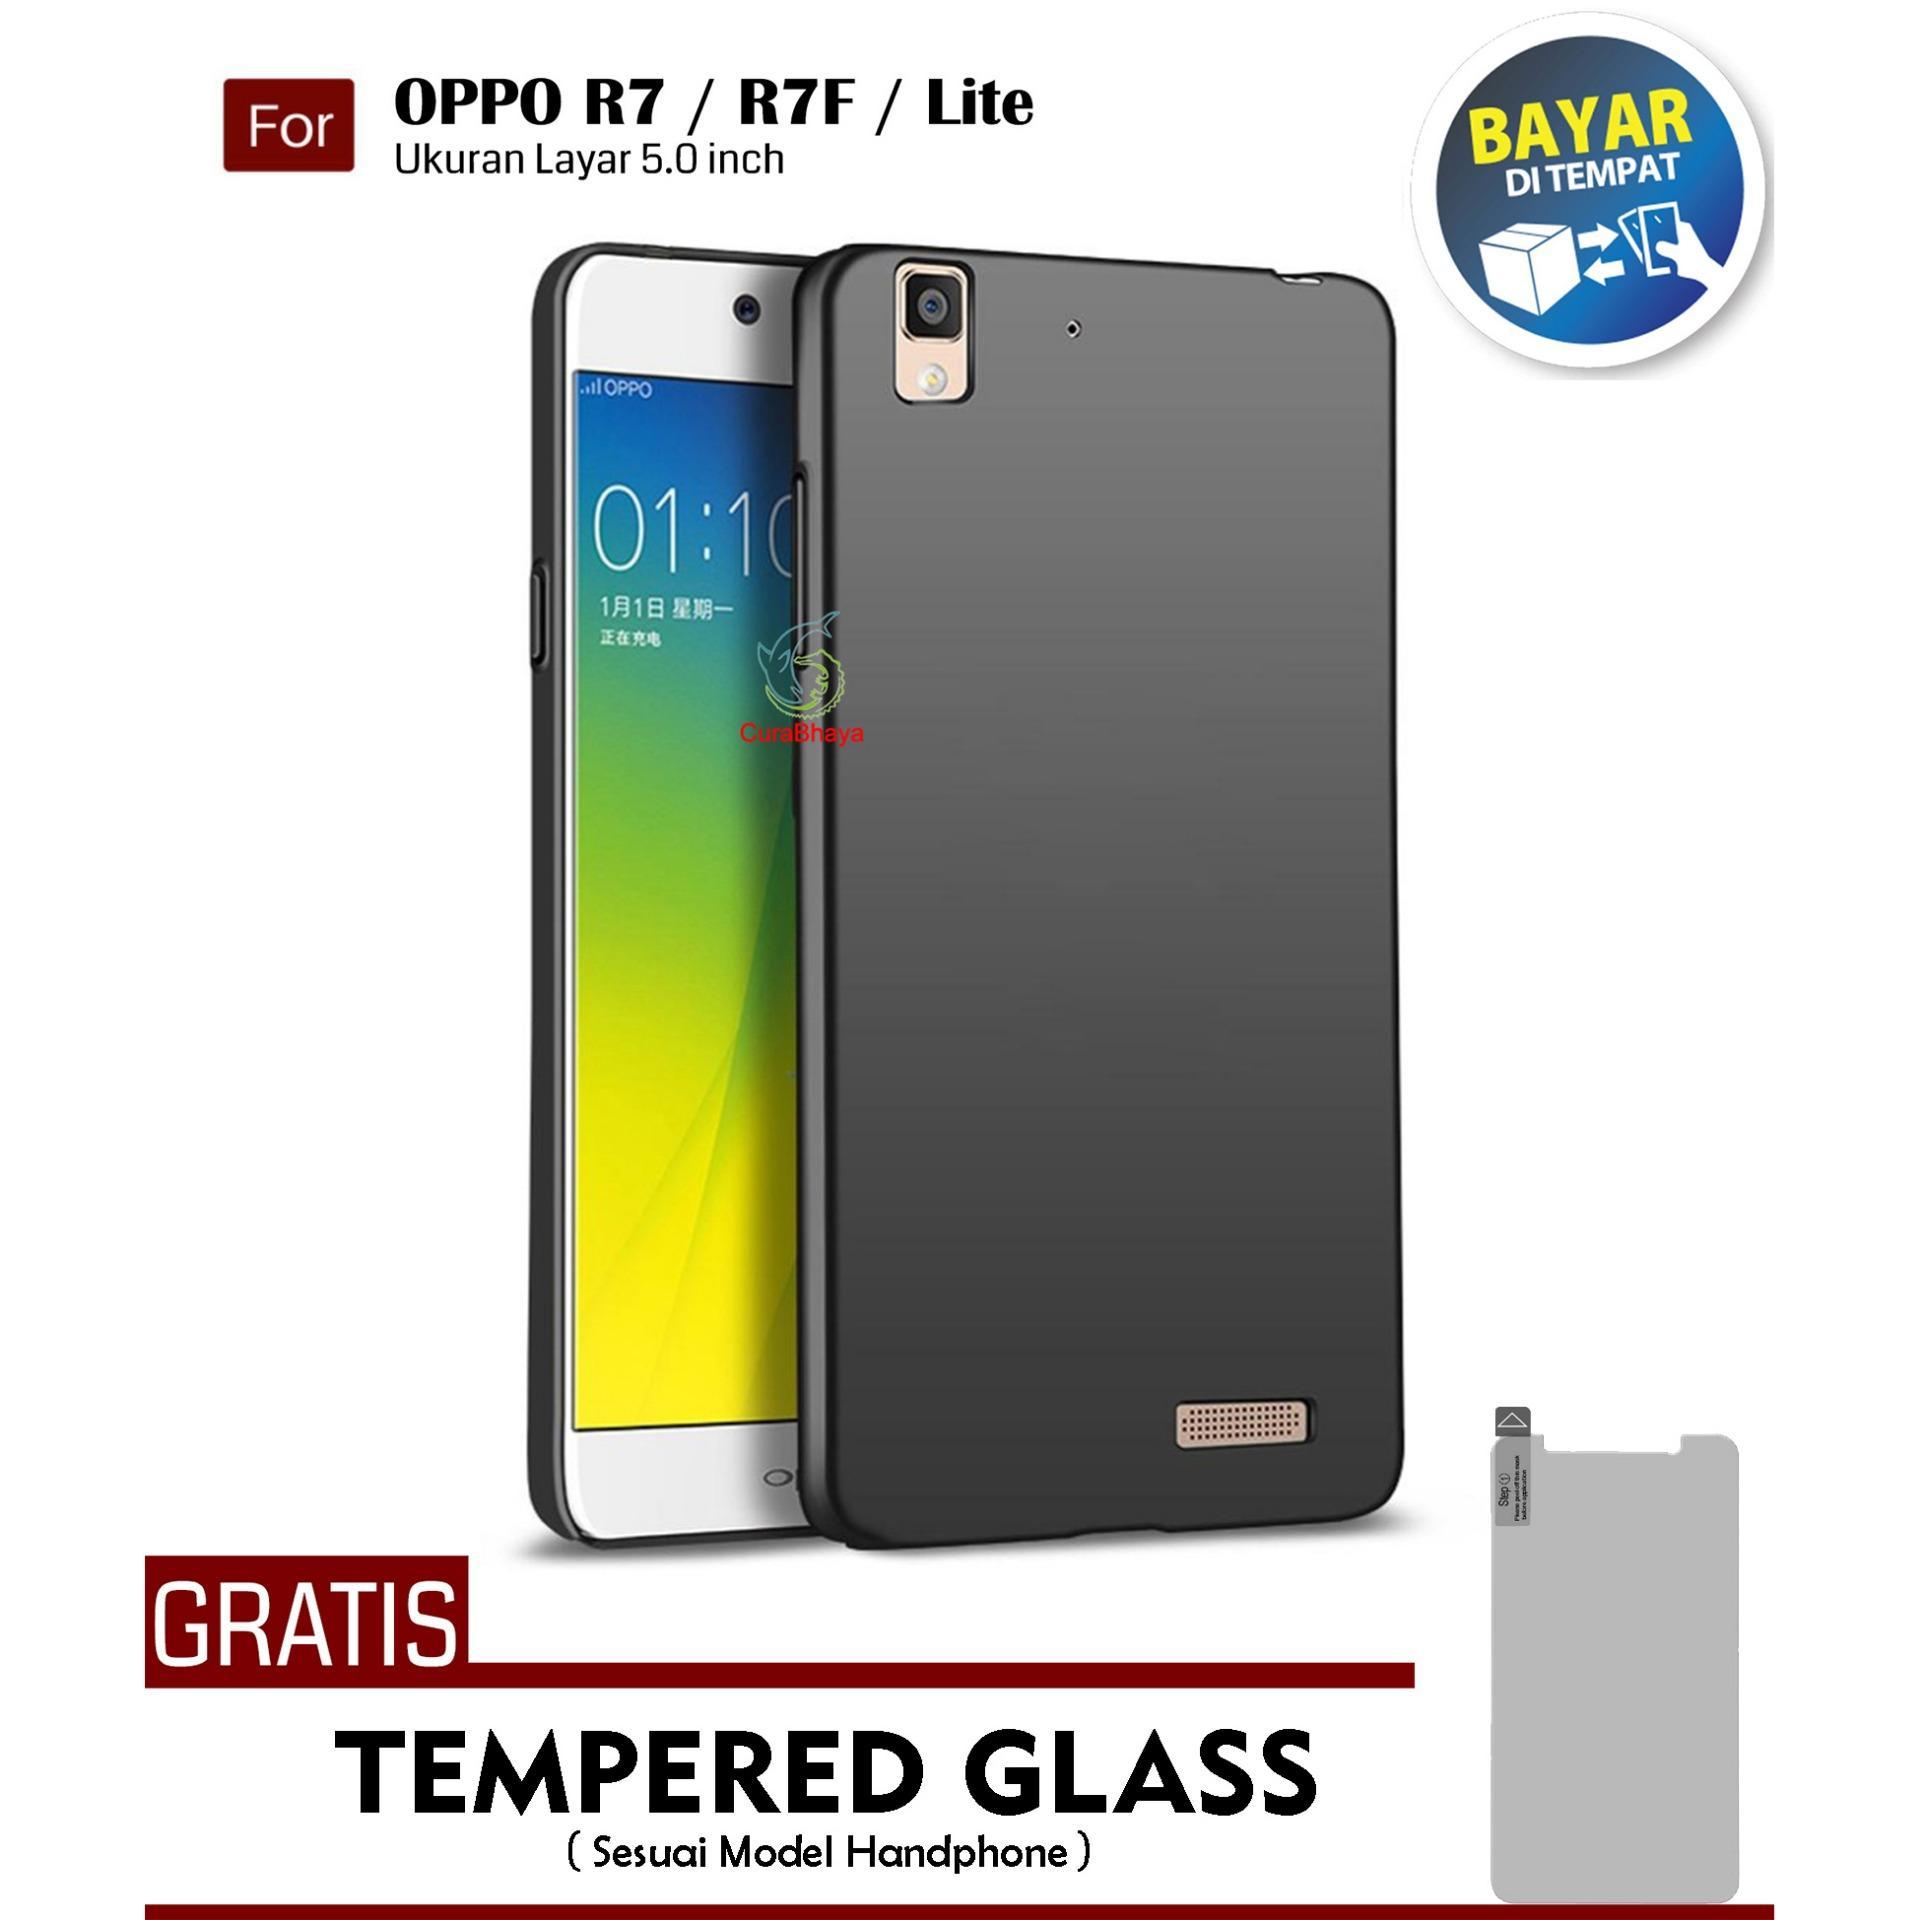 MidNight Oppo R7 / R7F / Lite | Slim Case Black Matte Softcase Premium Baby Skin